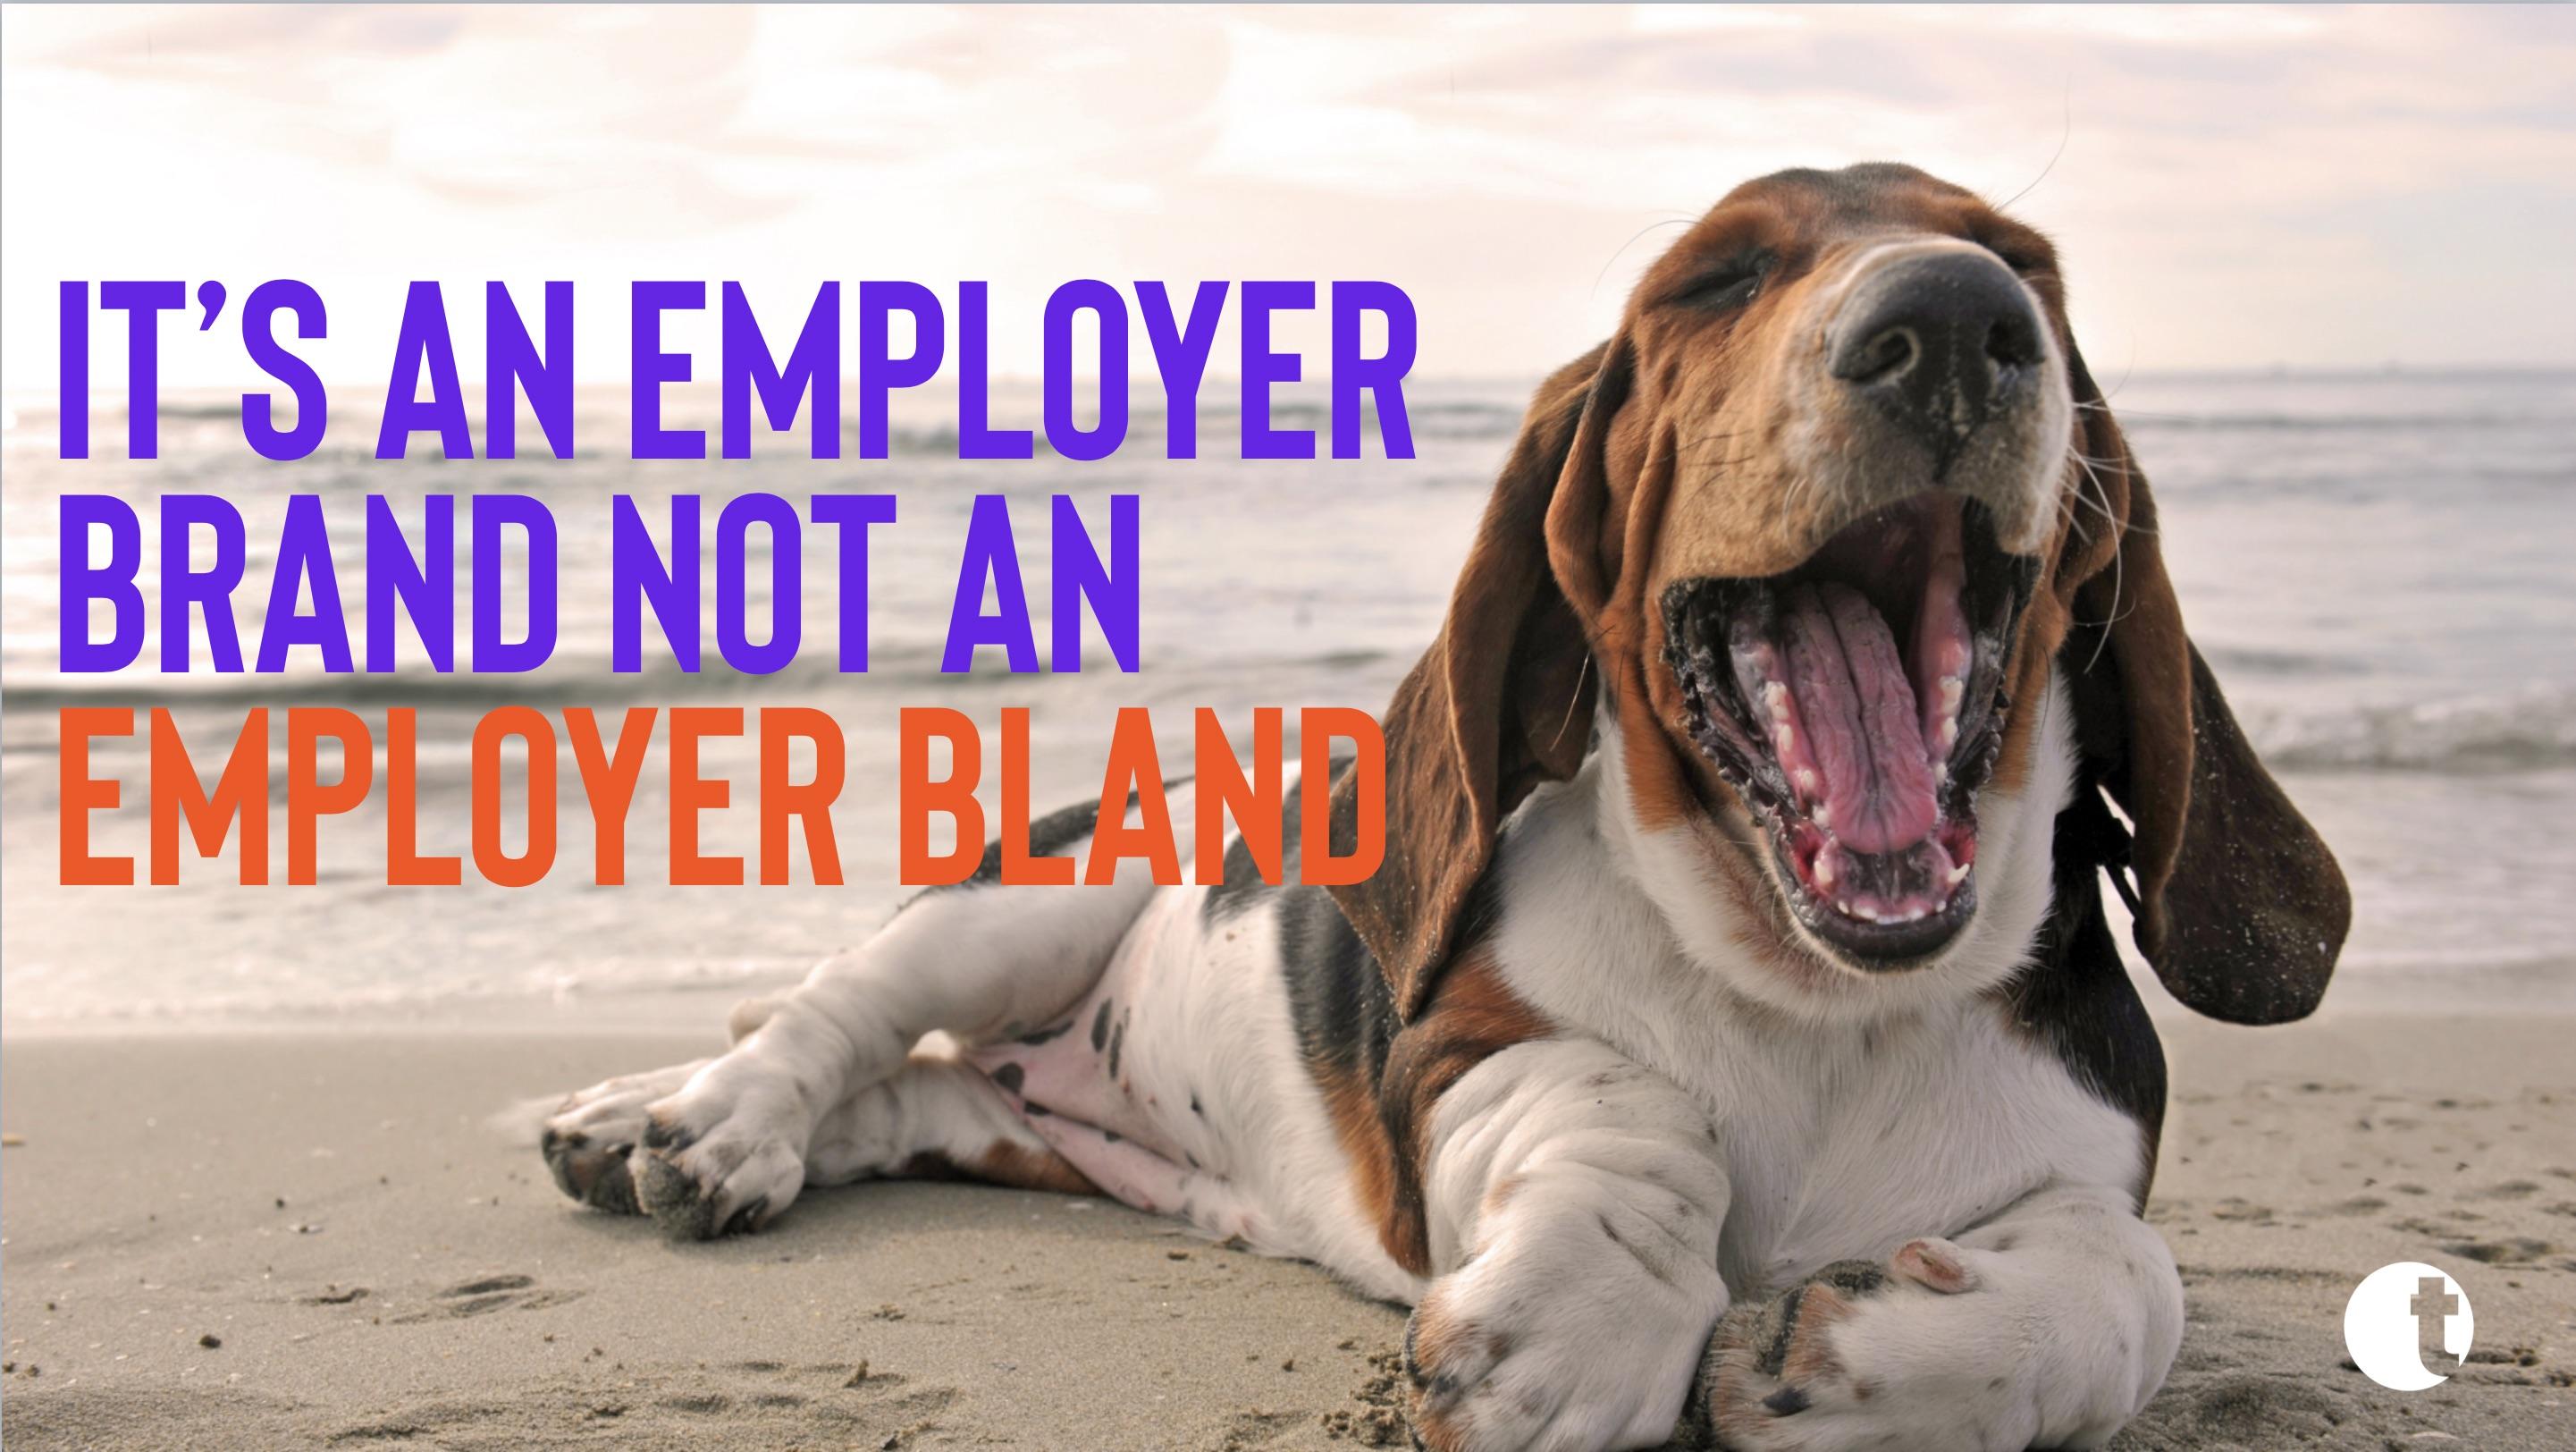 Be an Employer Brand not an Employer Bland